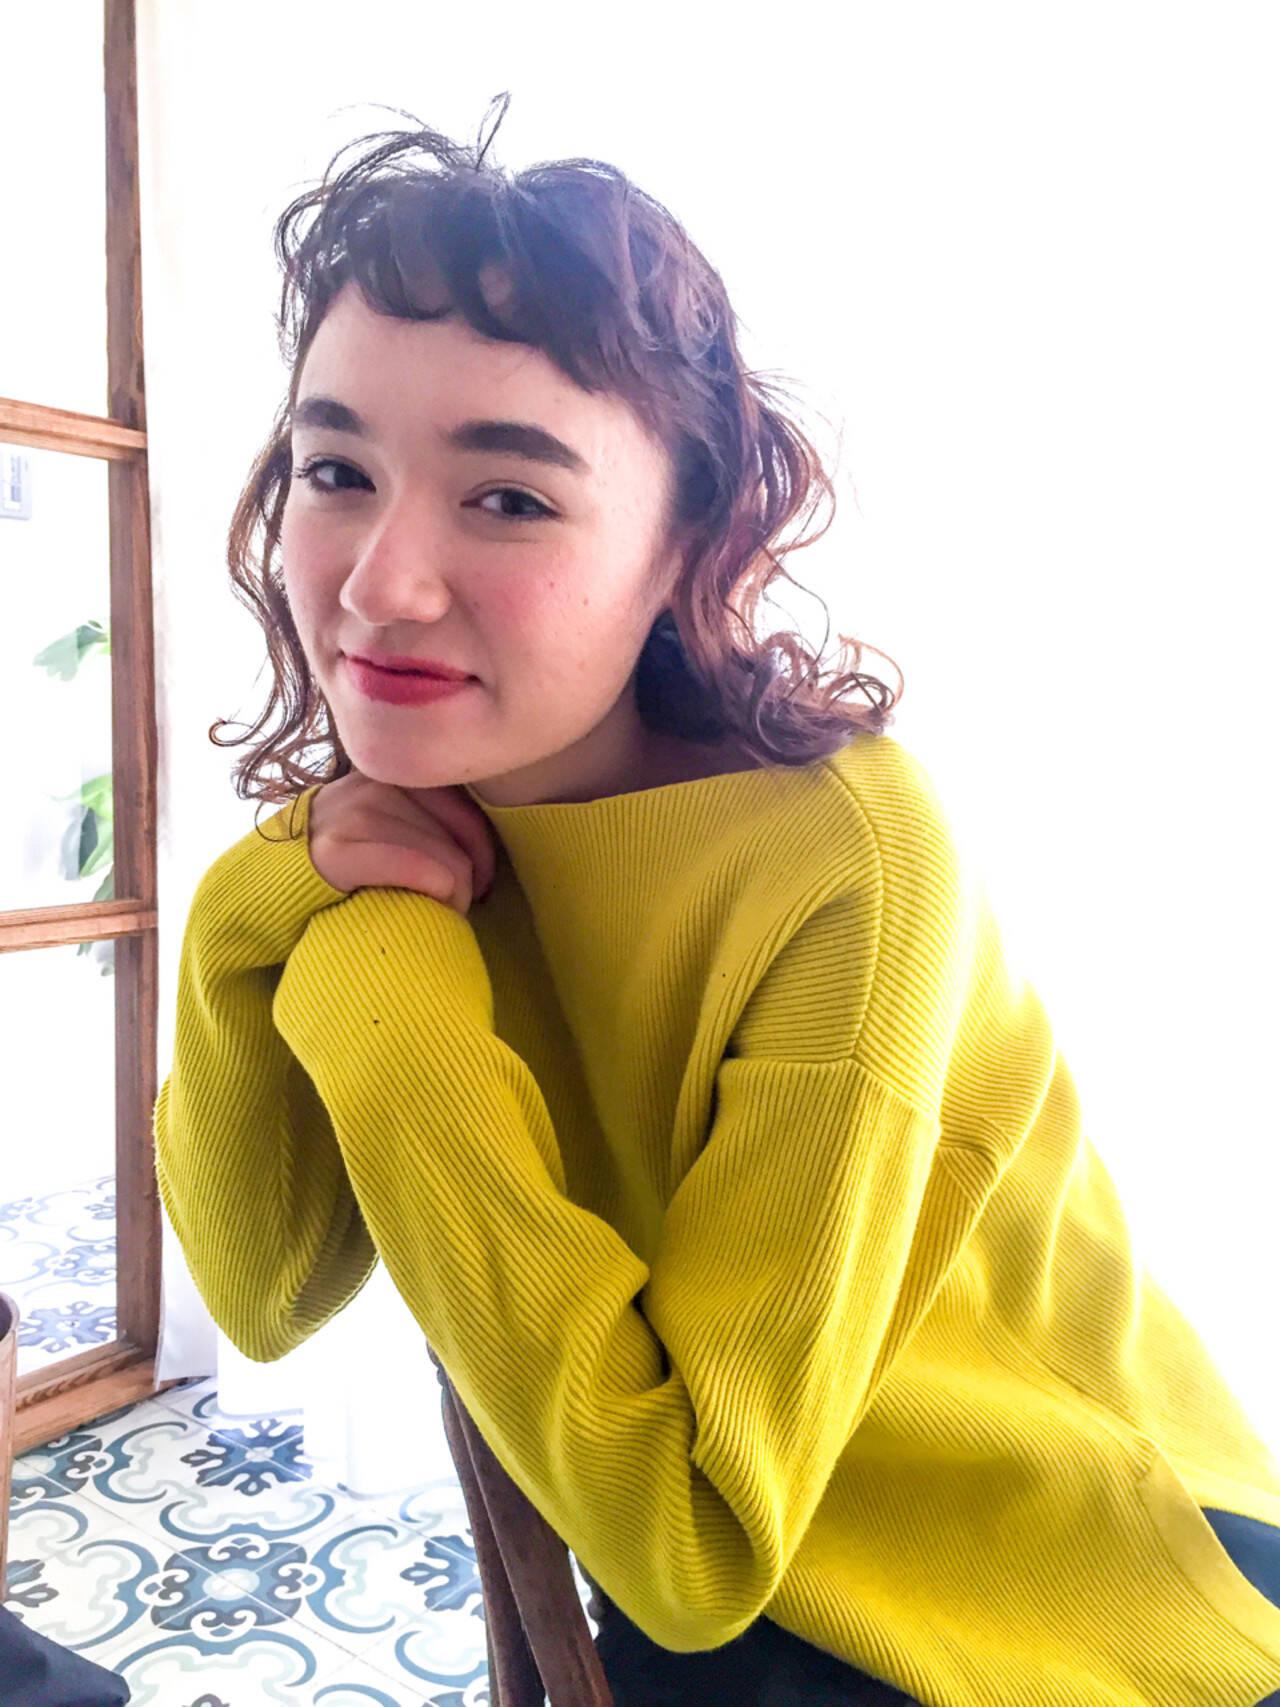 ヘアアレンジ フェミニン ロブ ミディアムヘアスタイルや髪型の写真・画像